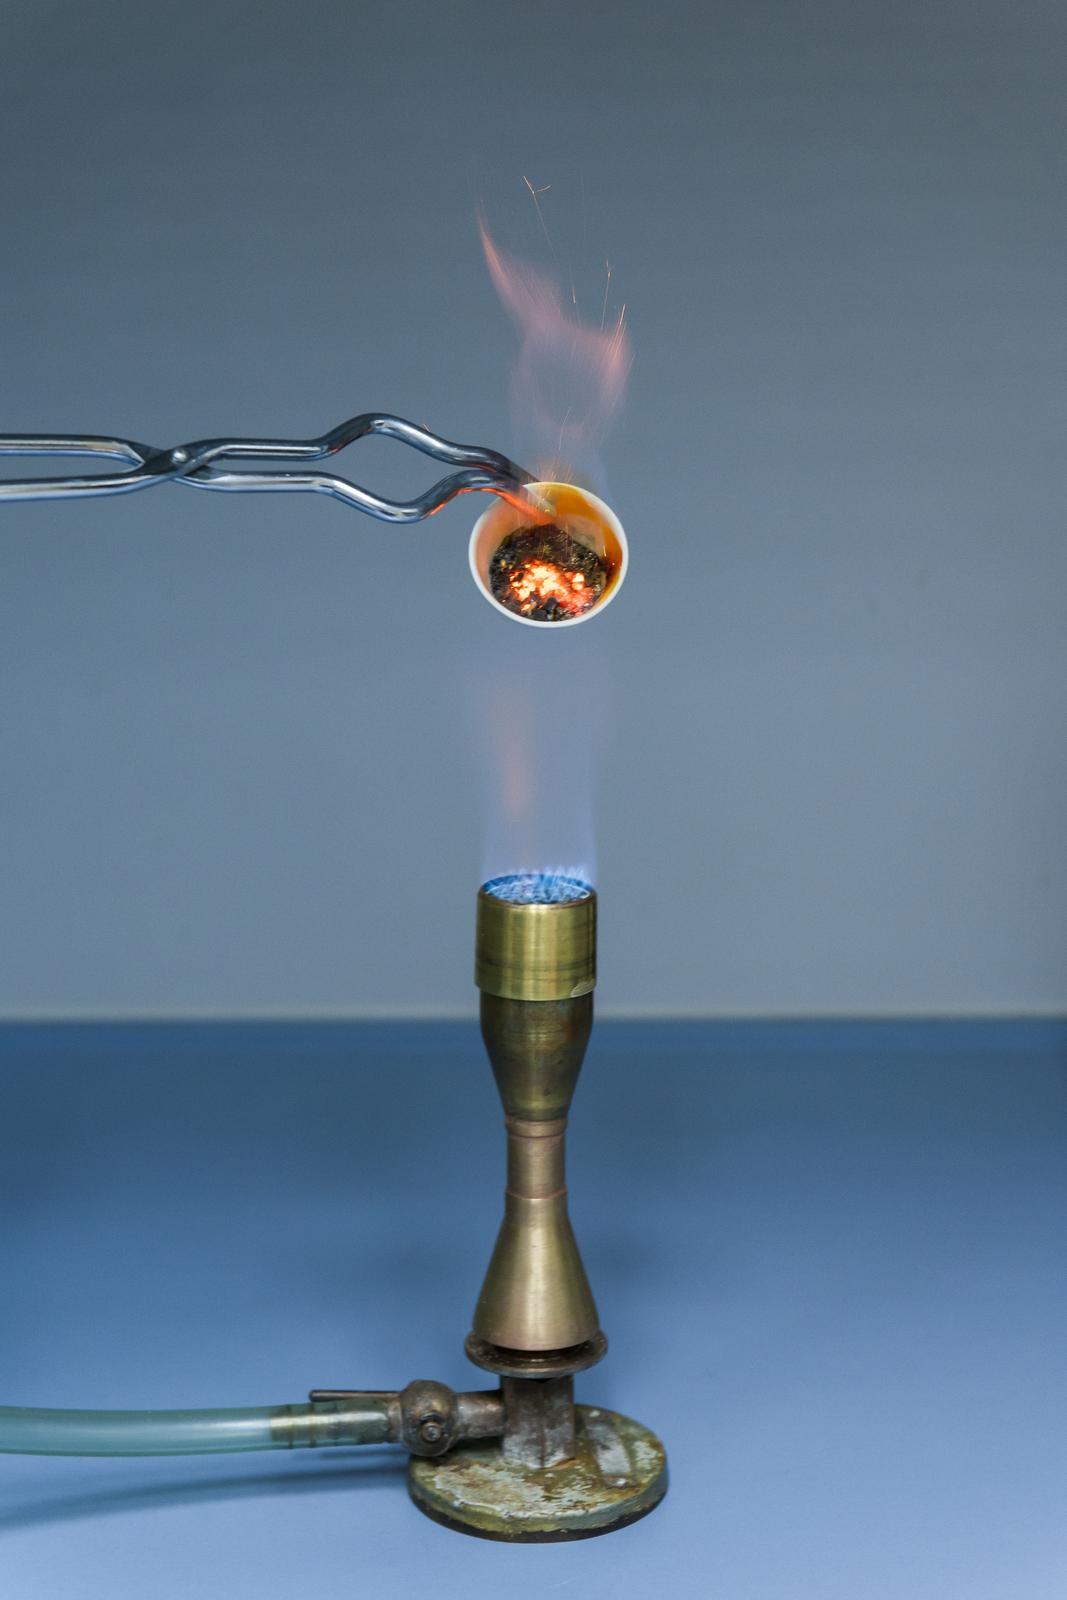 Zdjęcie przedstawia gazowy palnik laboratoryjny, nad którym znajduje się końcówka poziomo ustawionych szczypiec trzymających mały tygielek ogrzewany wpłomieniu iobrócony wlotem wkierunku aparatu. Wtygielku znajduje się rozżarzona mieszanina siarki zżelazem.